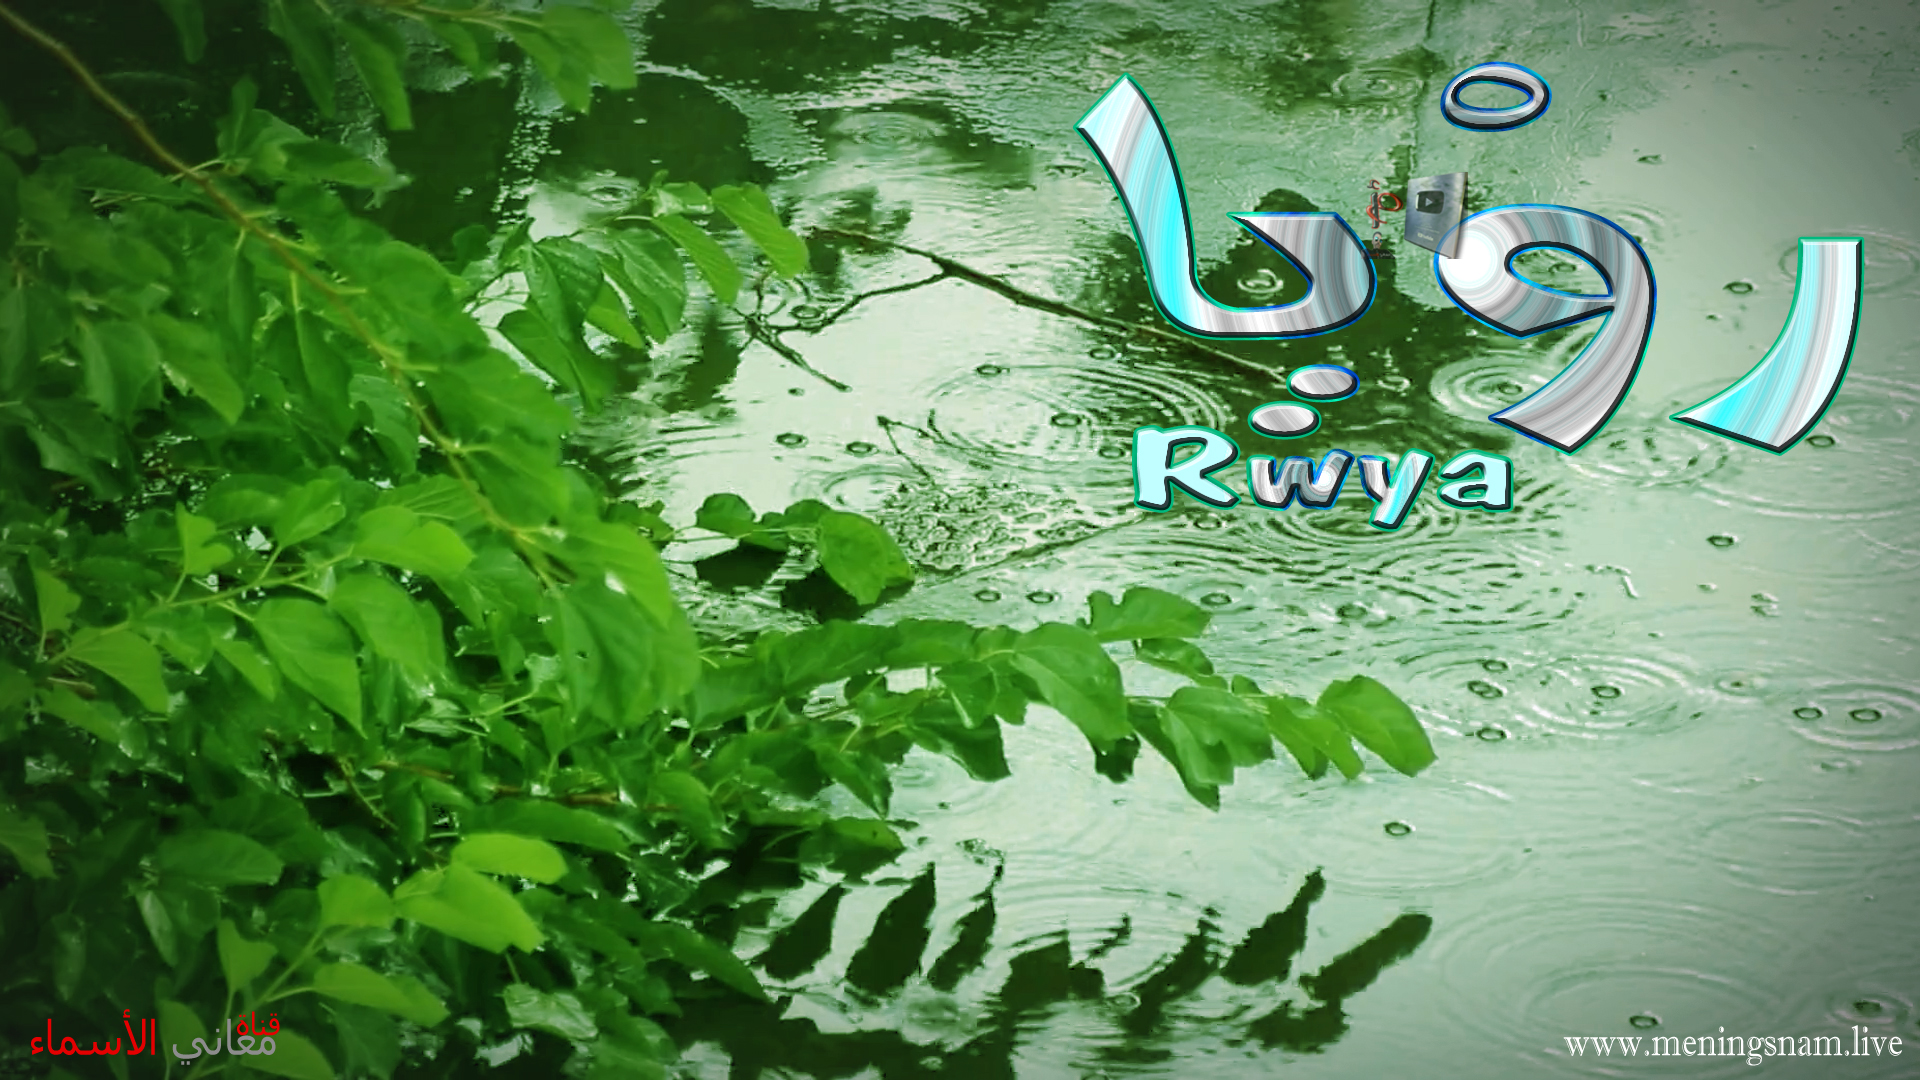 ,معنى اسم رويا, وصفات حاملة هذا الاسم Rwya,